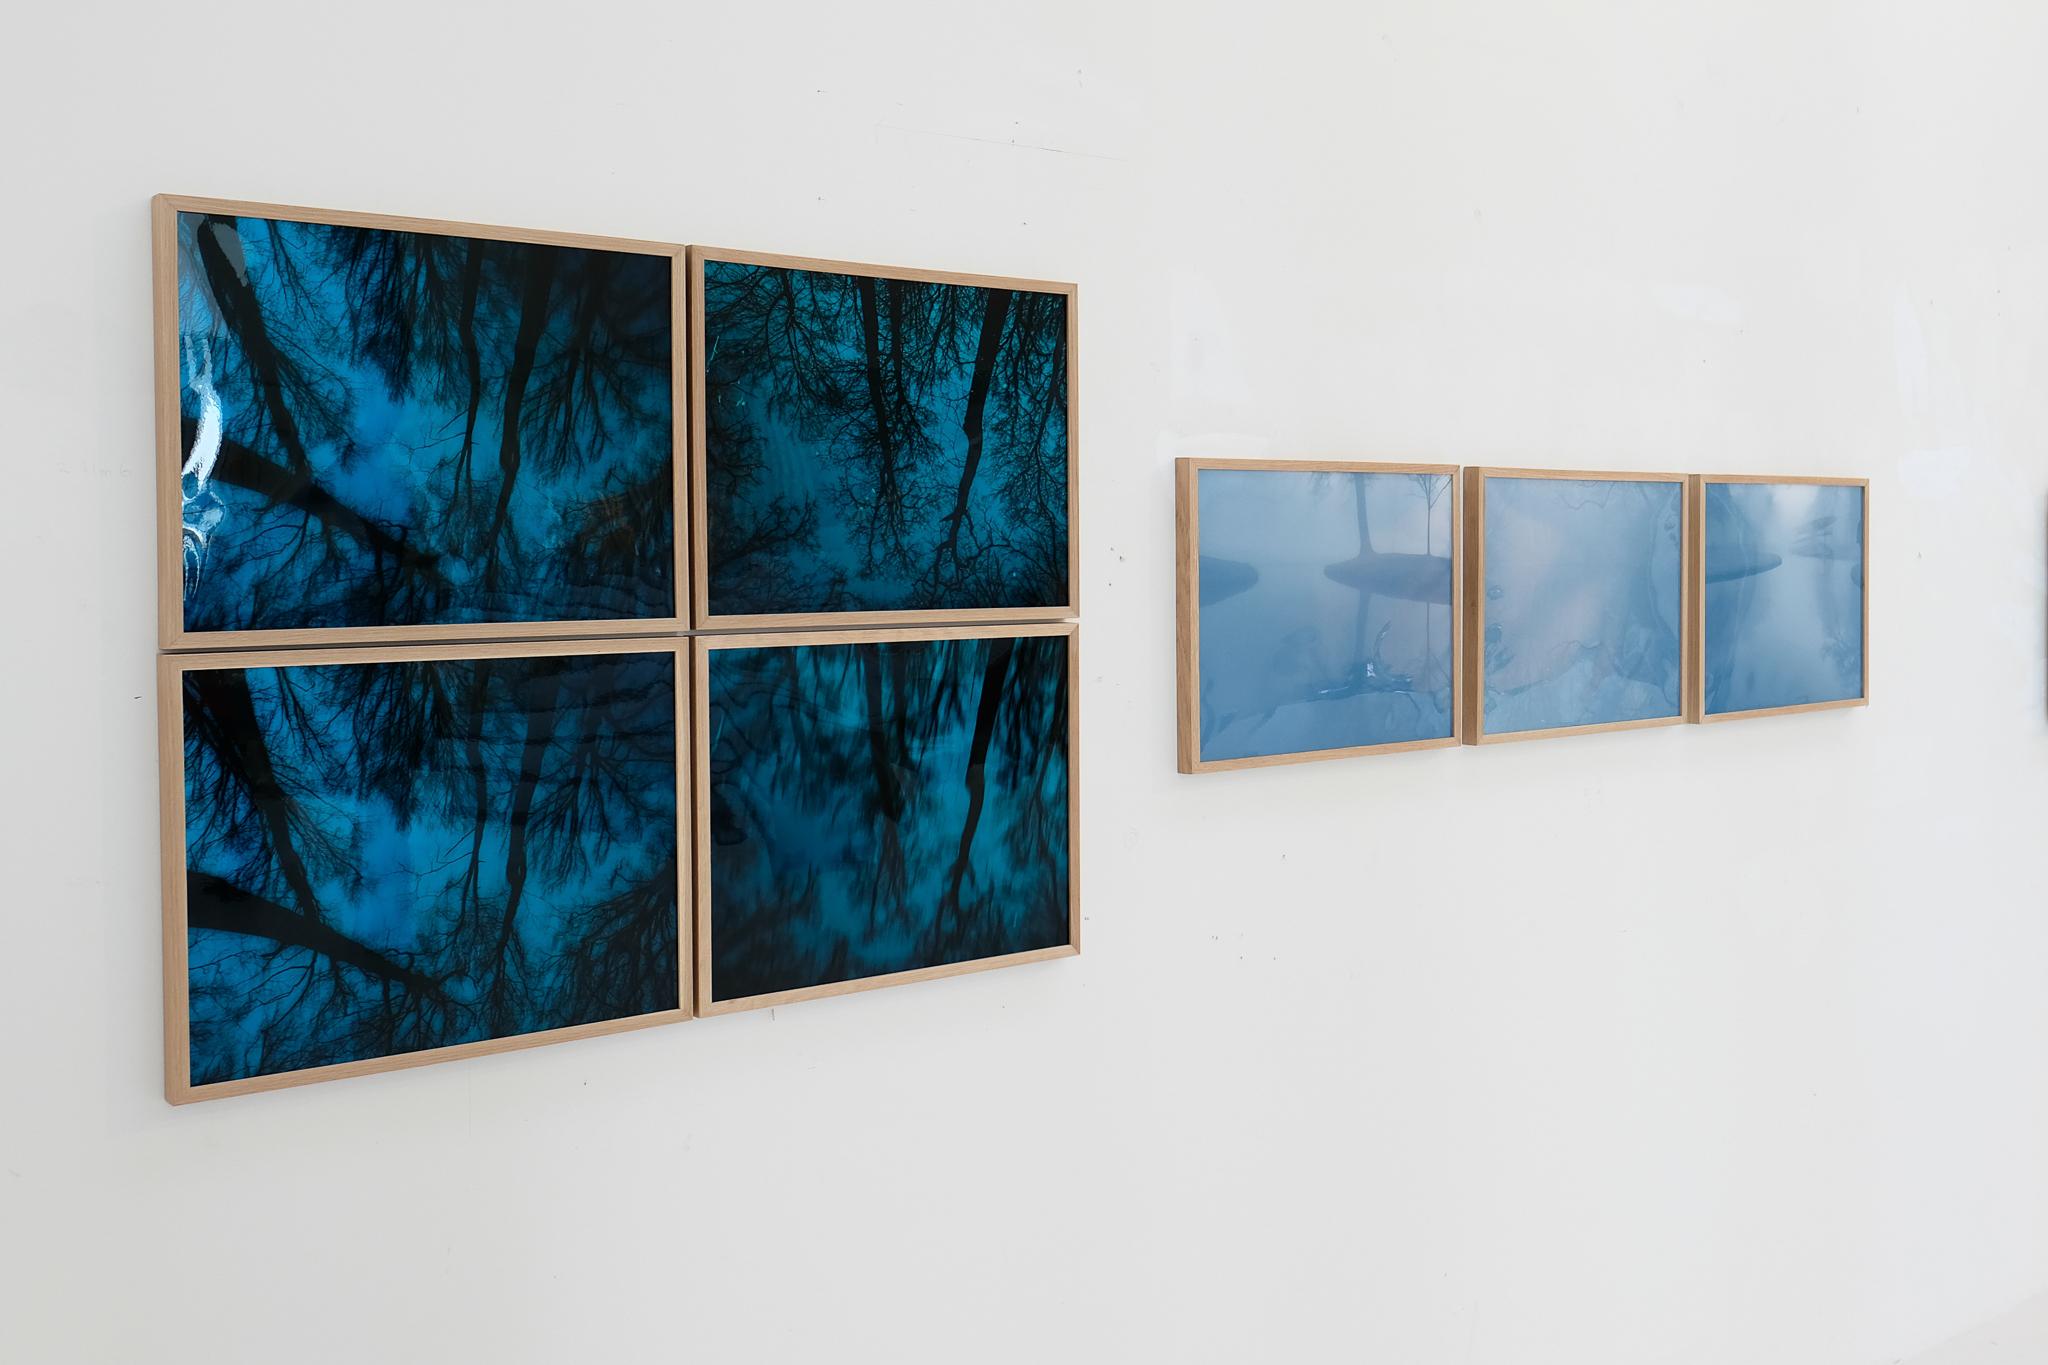 Galerie Steven Sterk, Gorredijk, NL, 2019